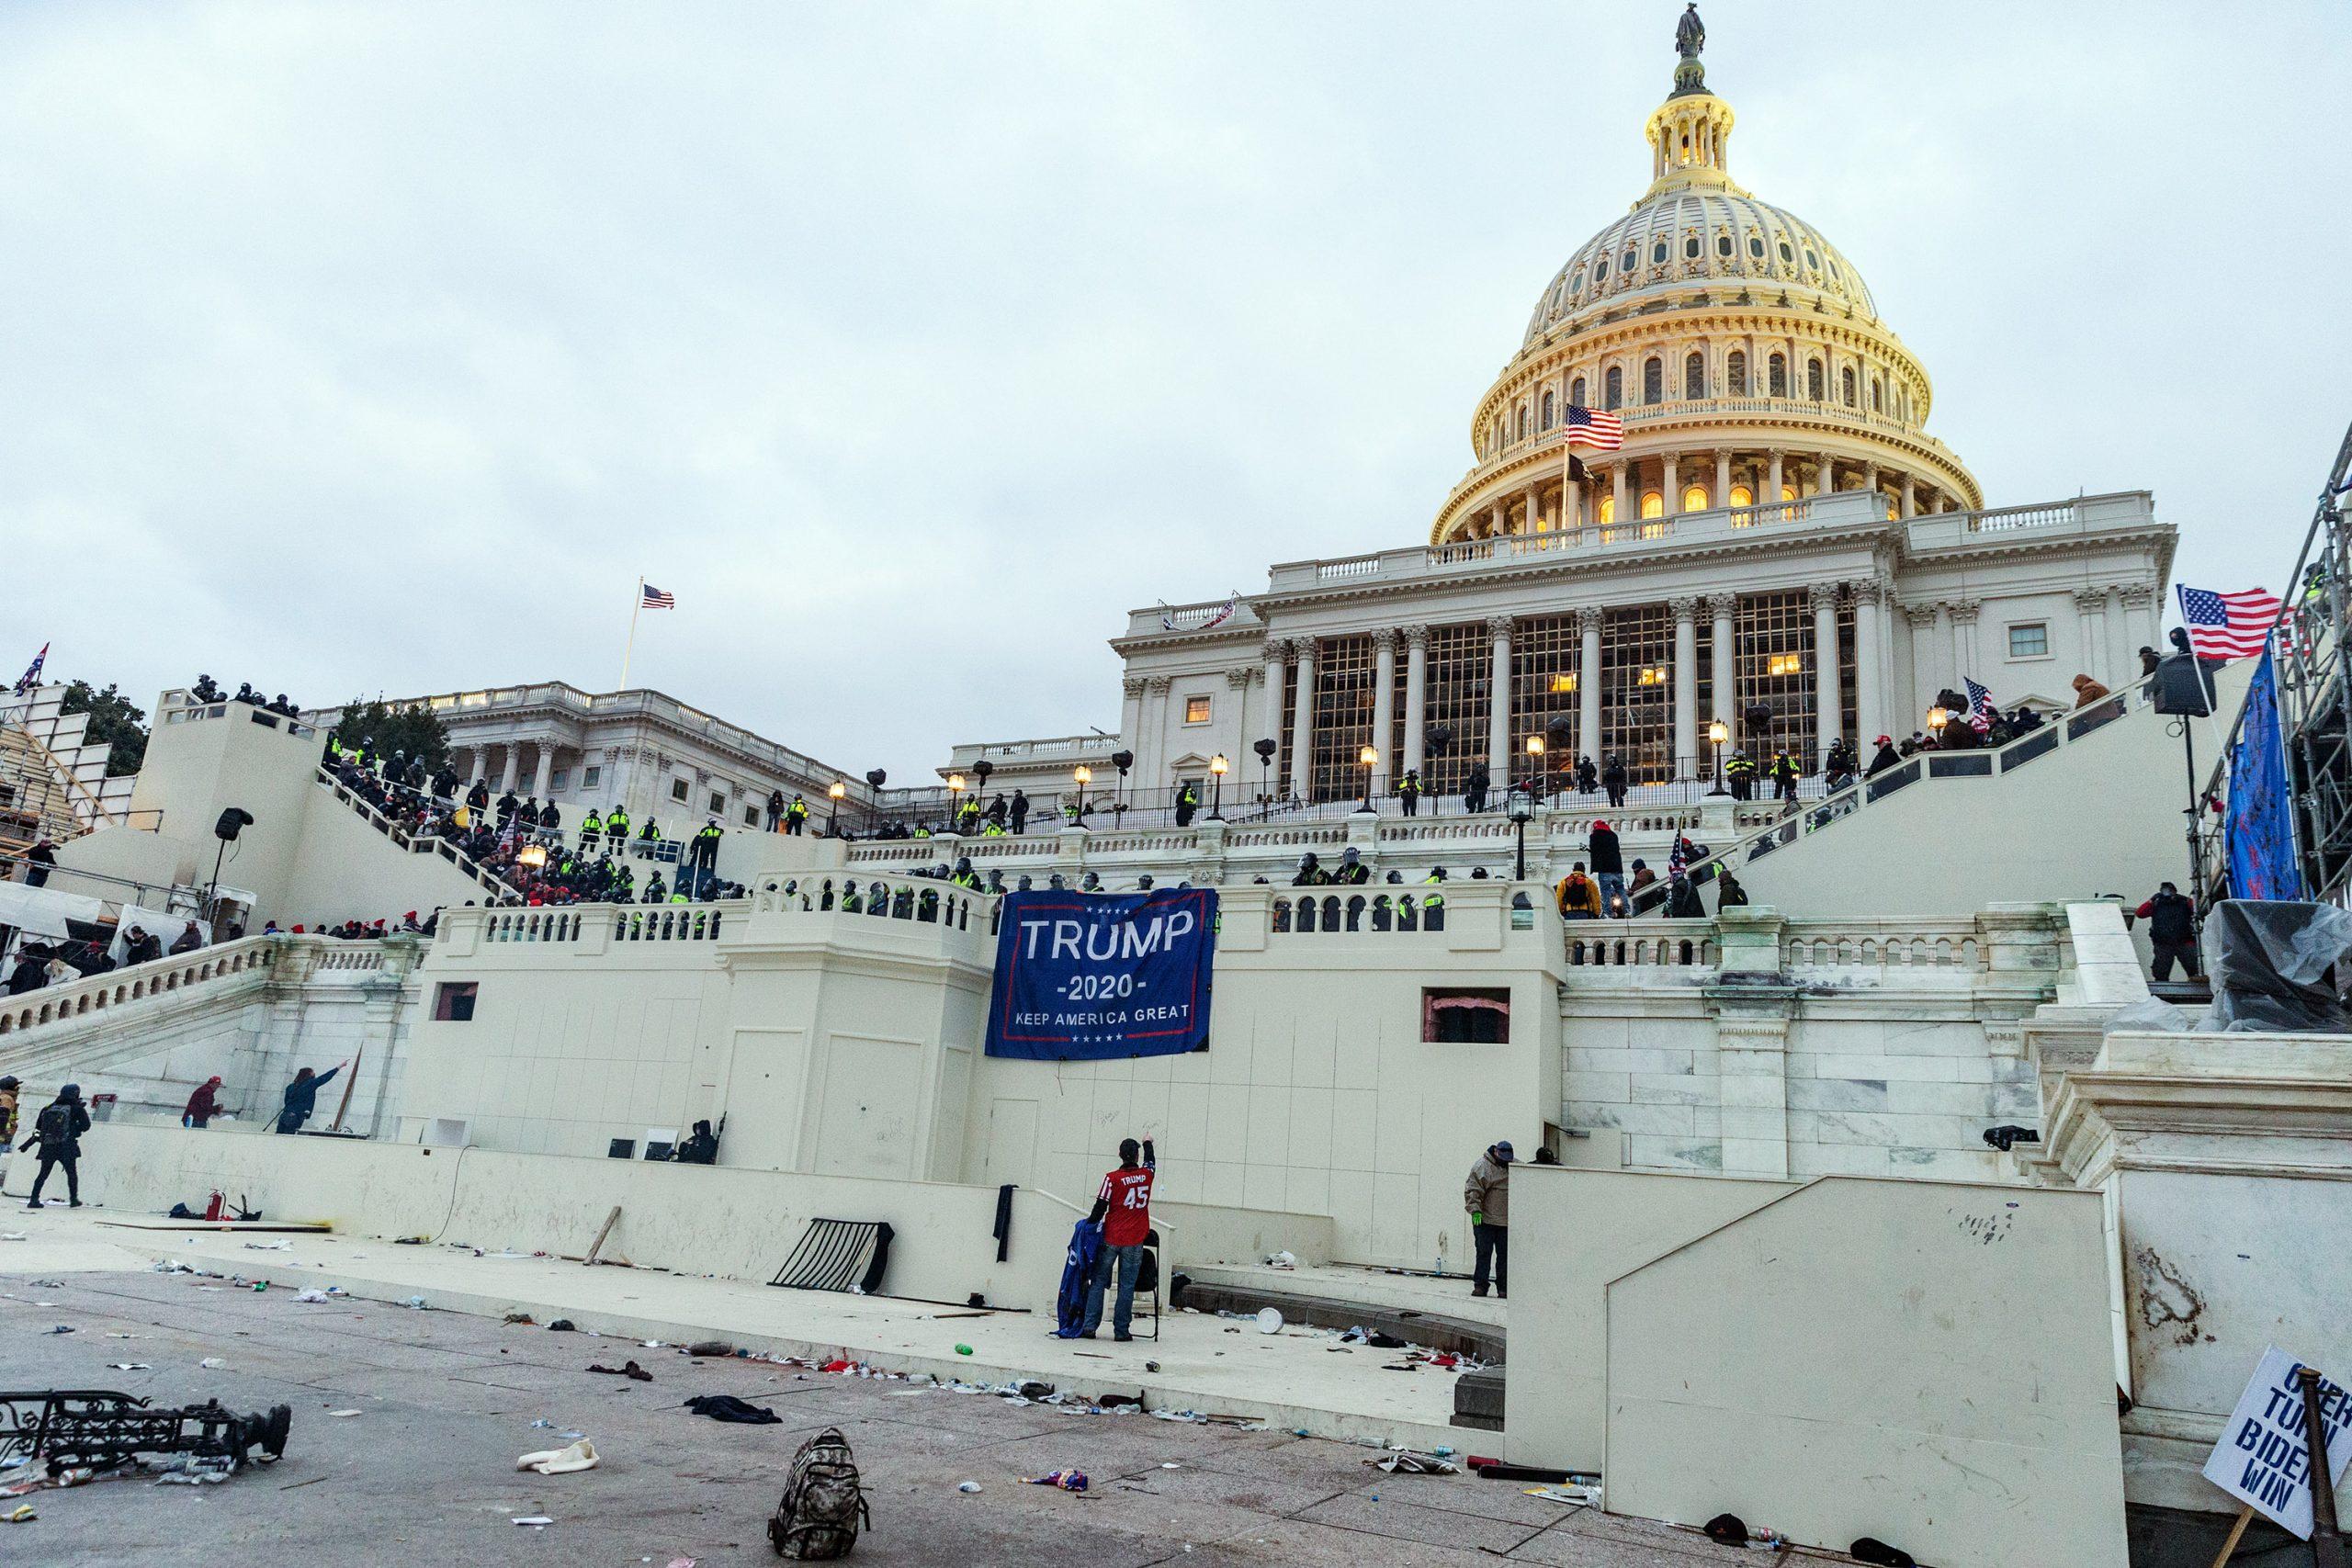 米議事堂襲撃事件、その前後 警察はどう動いたか?